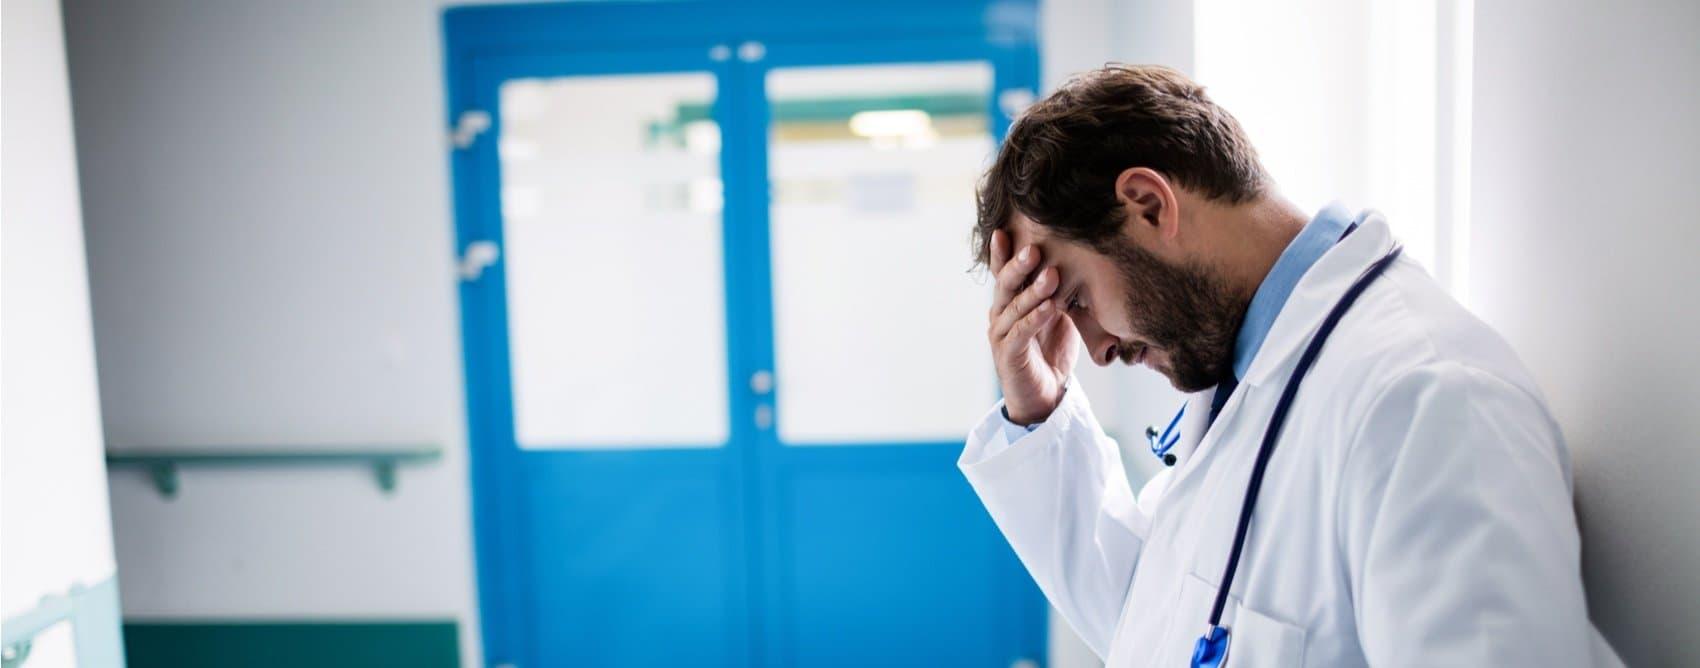 Un médico con bata blanca, deprimido